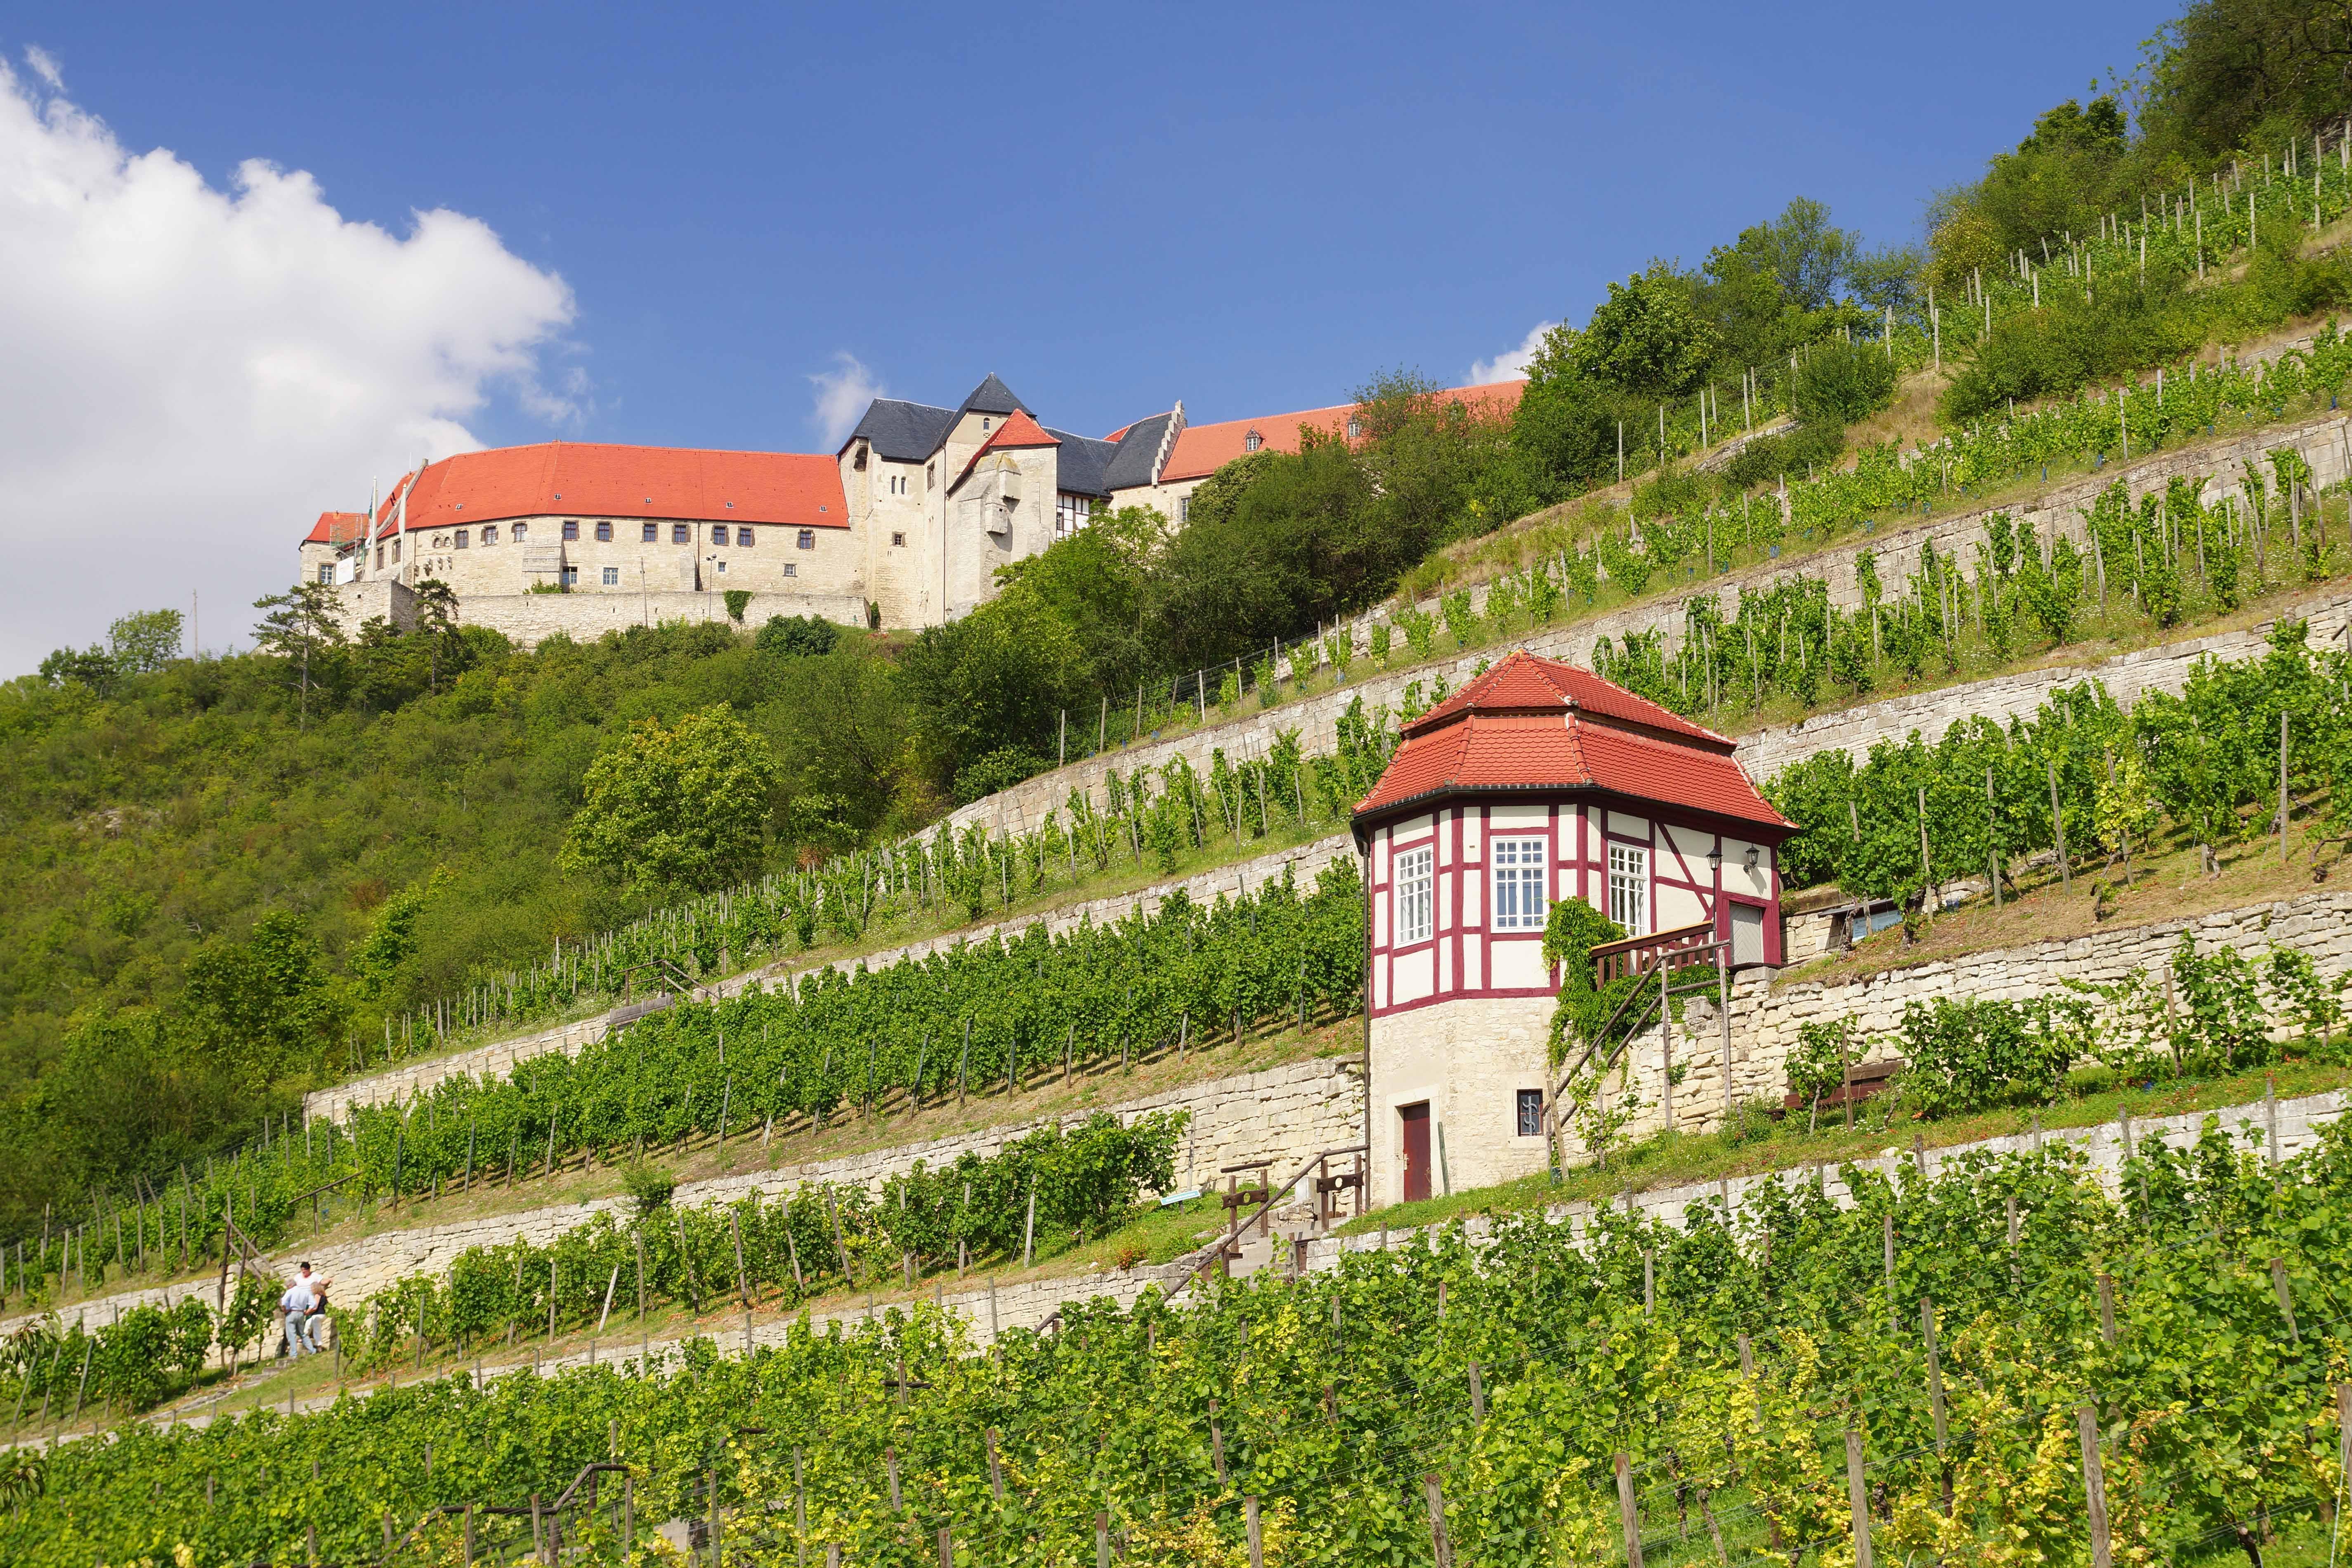 Ihr Immobilienmakler für Freyburg | Haus verkaufen | Immobilie verkaufen in Freyburg